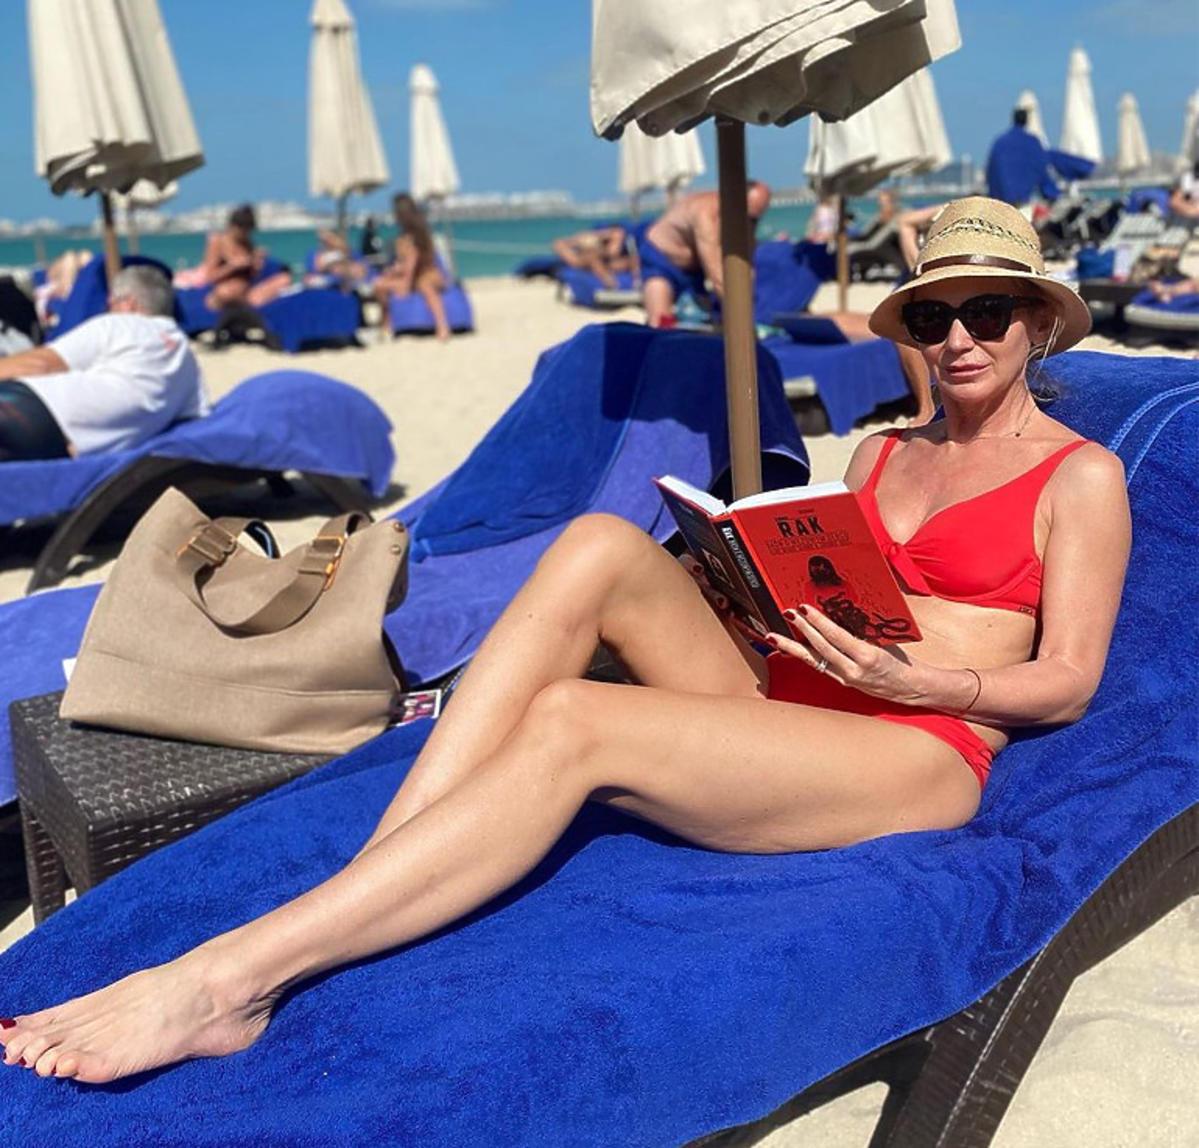 Beata Ścibakównna na wakacjach w kostiumie kąpielowym